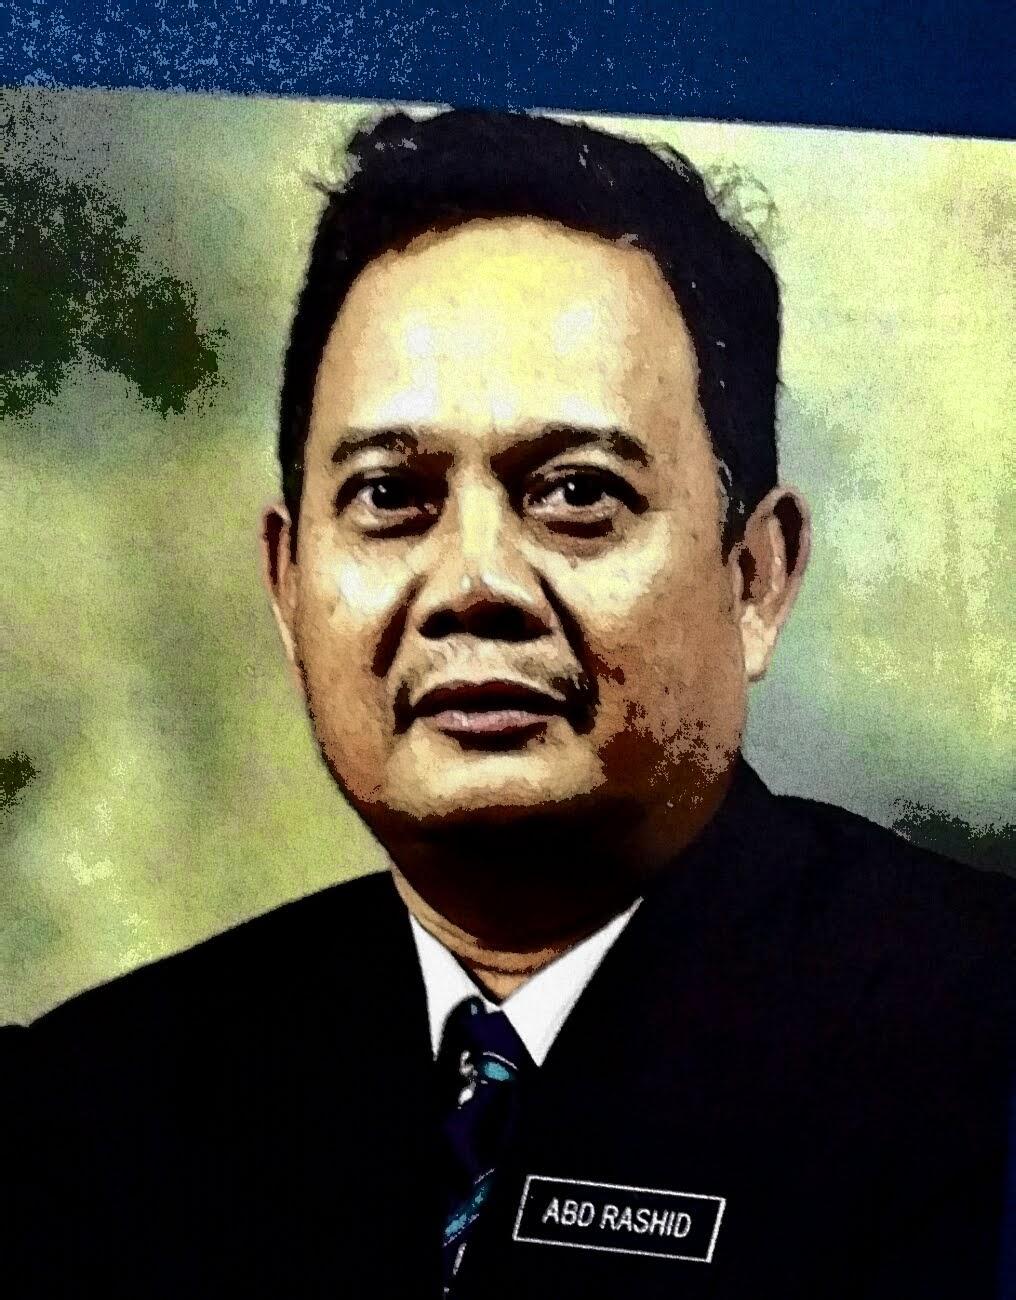 Hj. Abdul Rashid b. Hj Othman